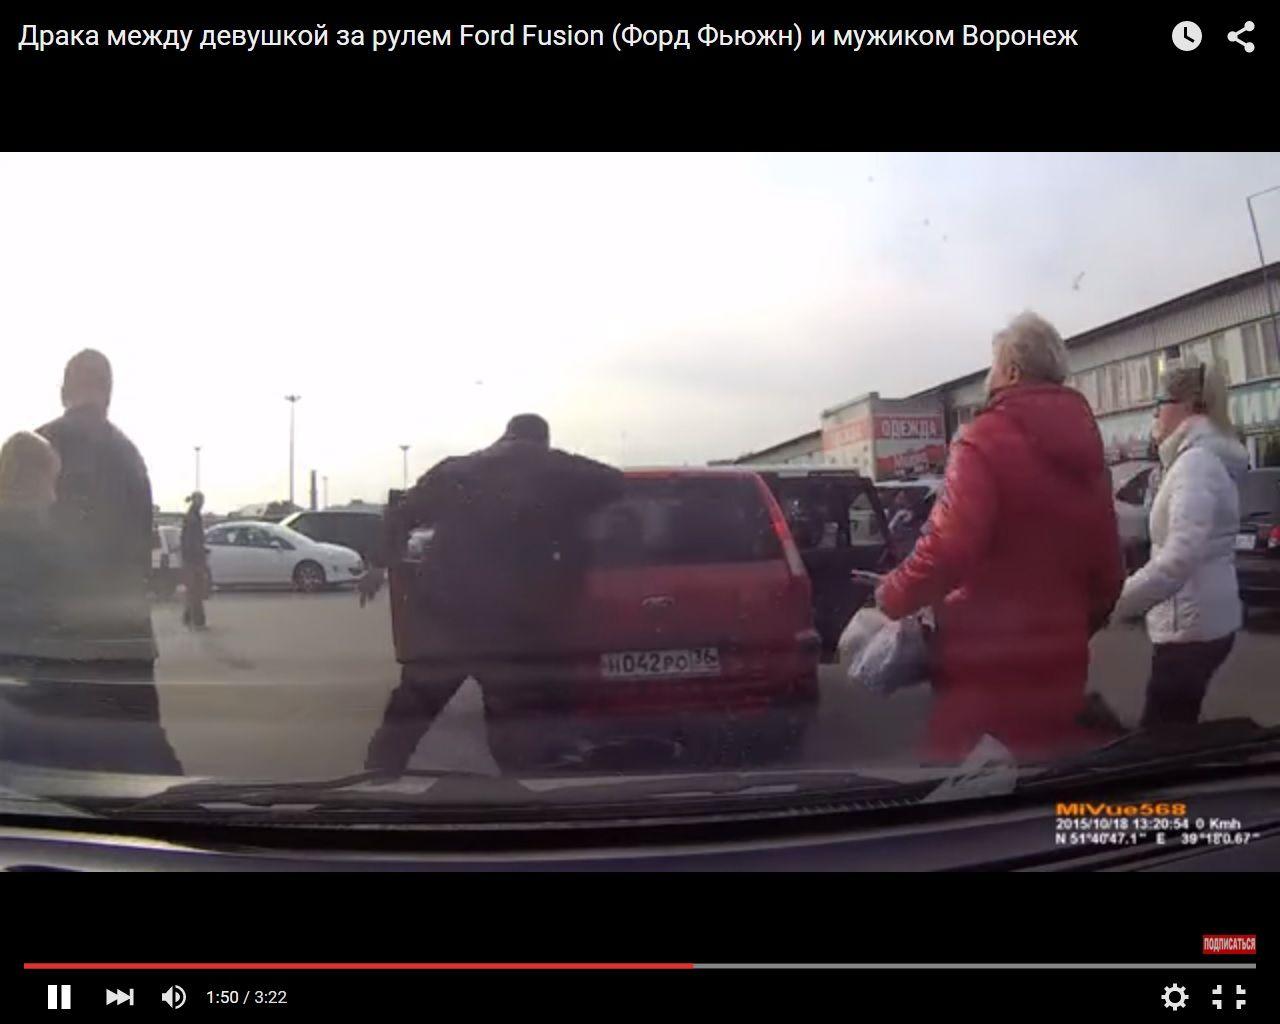 ВИДЕО: После потасовки с женщиной пешеход кулаком разбил стекло её машины